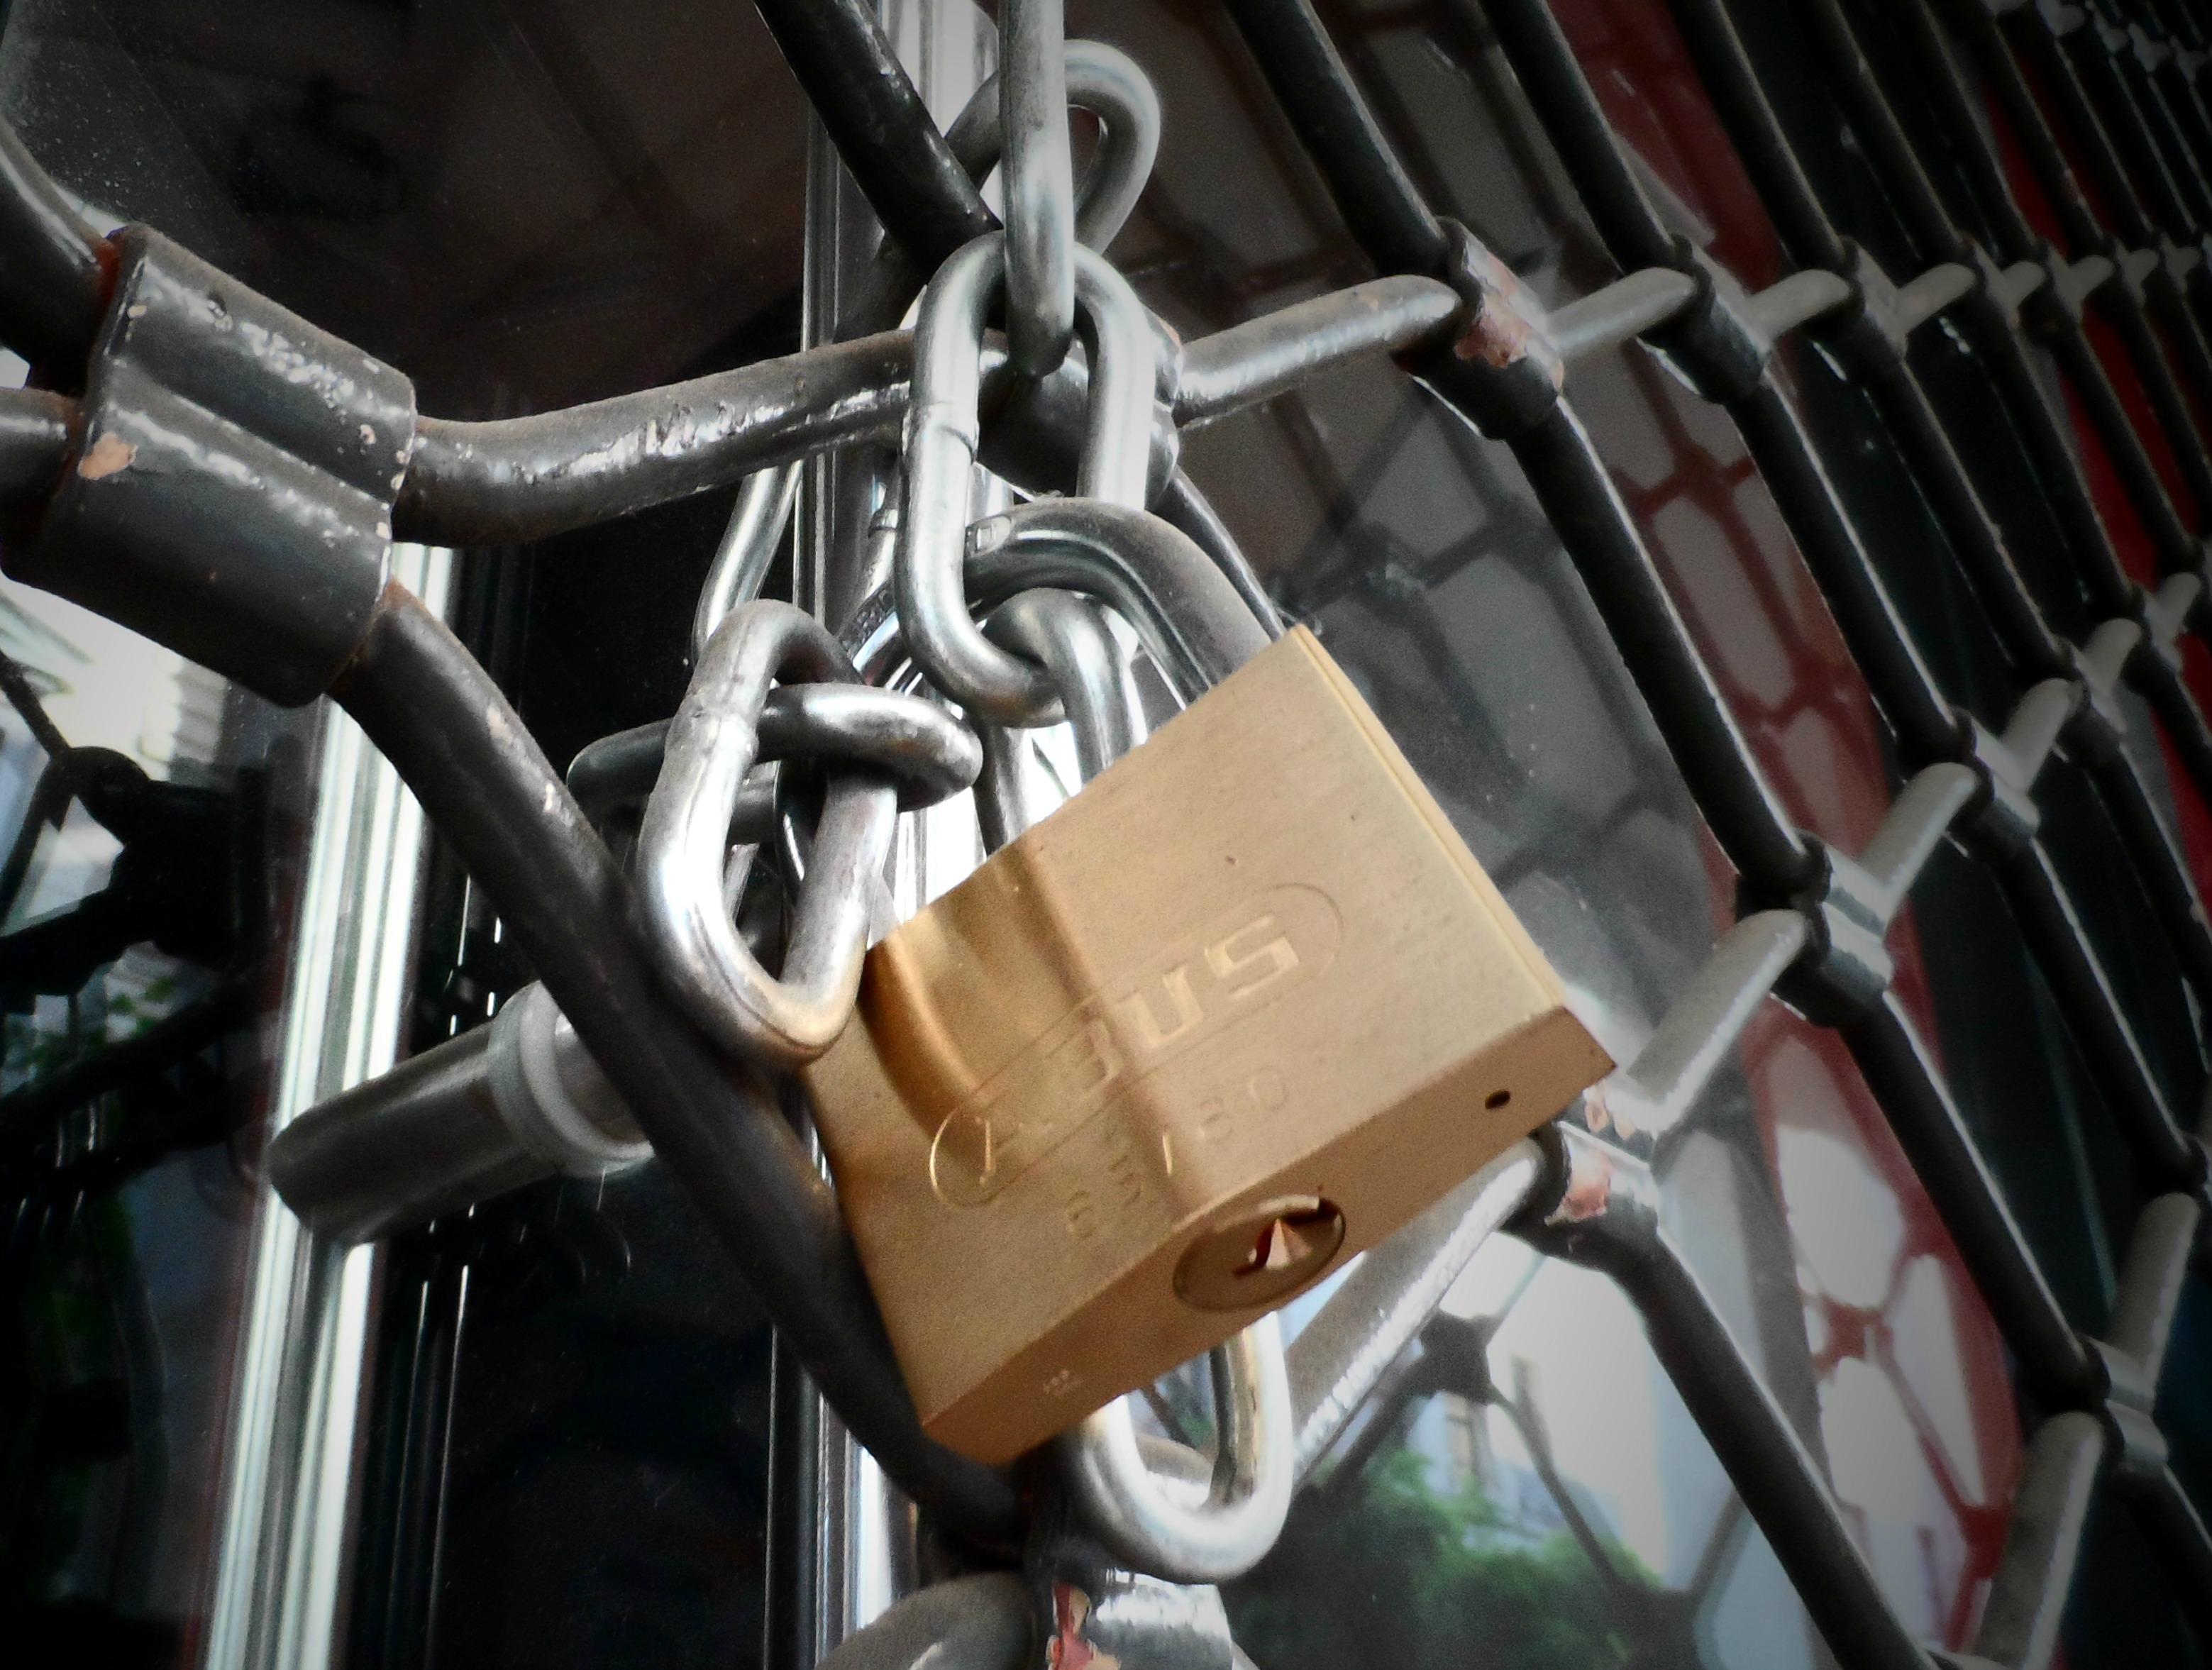 ΓΣΕΒΕΕ: 4 στις 10 επιχειρήσεις πιστεύουν ότι θα κλείσουν   tovima.gr